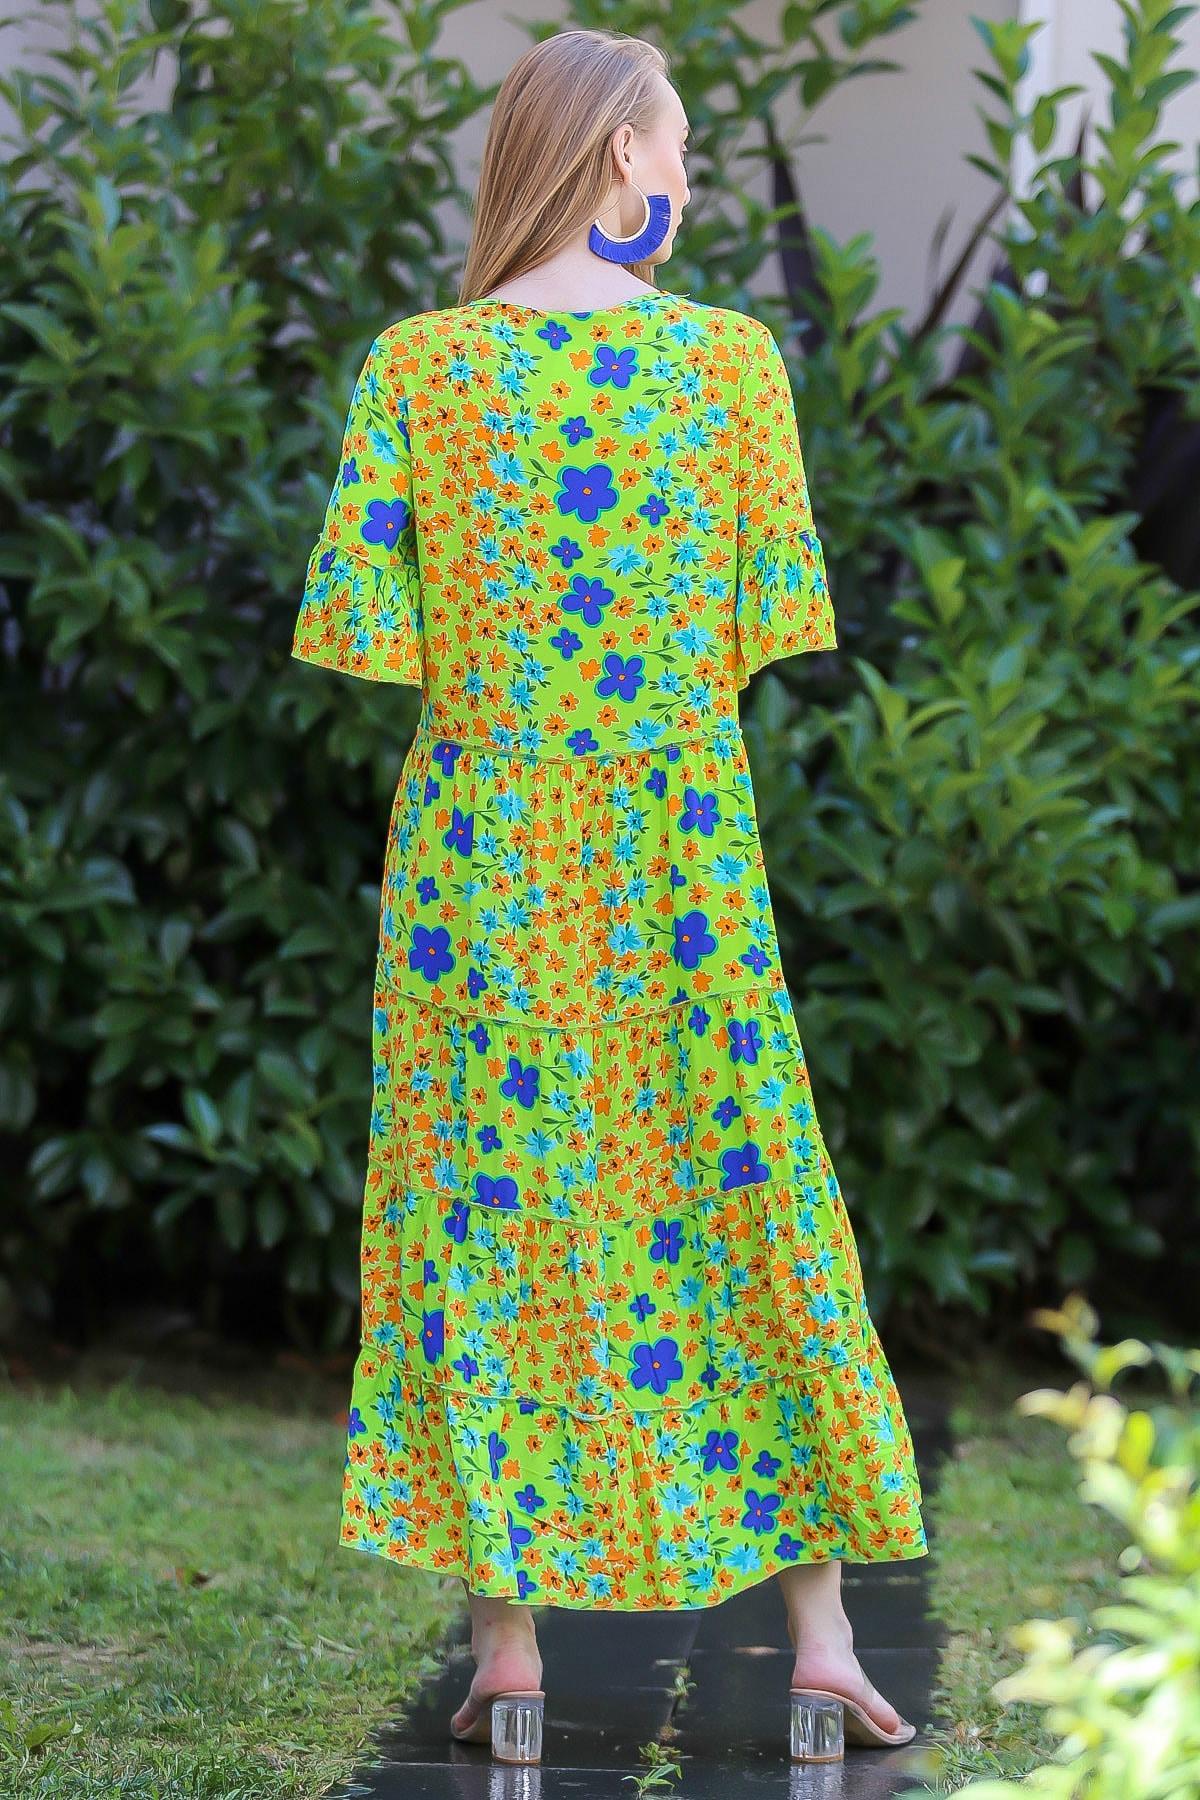 Chiccy Kadın Yeşil Bohem Çıtır Çiçek Desenli El Işi Püskül Detaylı Salaş Elbise M10160000El96565 3